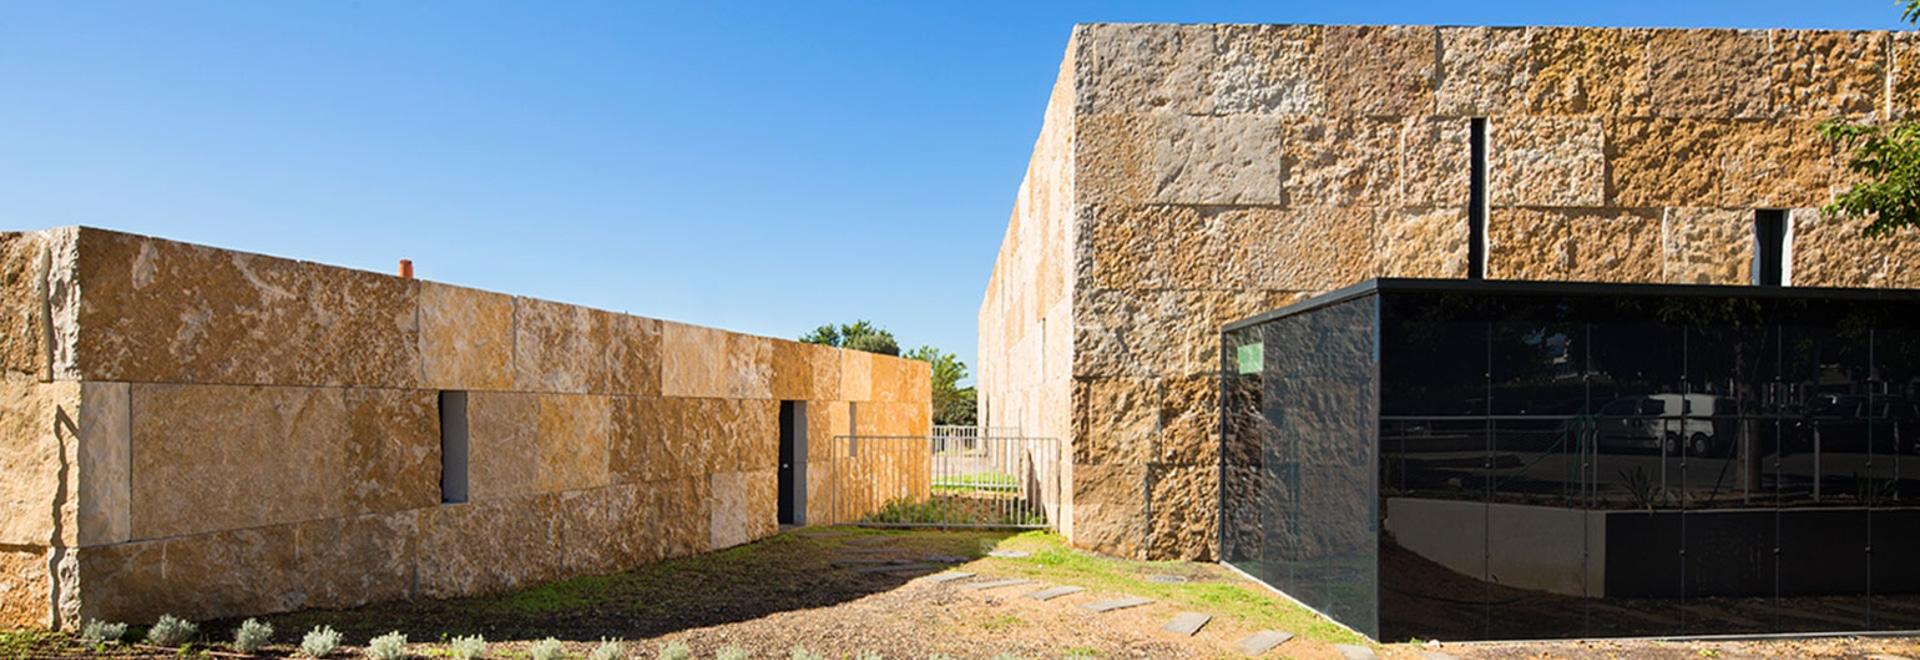 el arquitecto Marsella-basado Cristóbal Gulizzi creó un nuevo pasillo de deportes para la ciudad pequeña, costal del Santo-Cyr-sur-Mer en Provence, Francia. Fotografía: Mateo Ducros